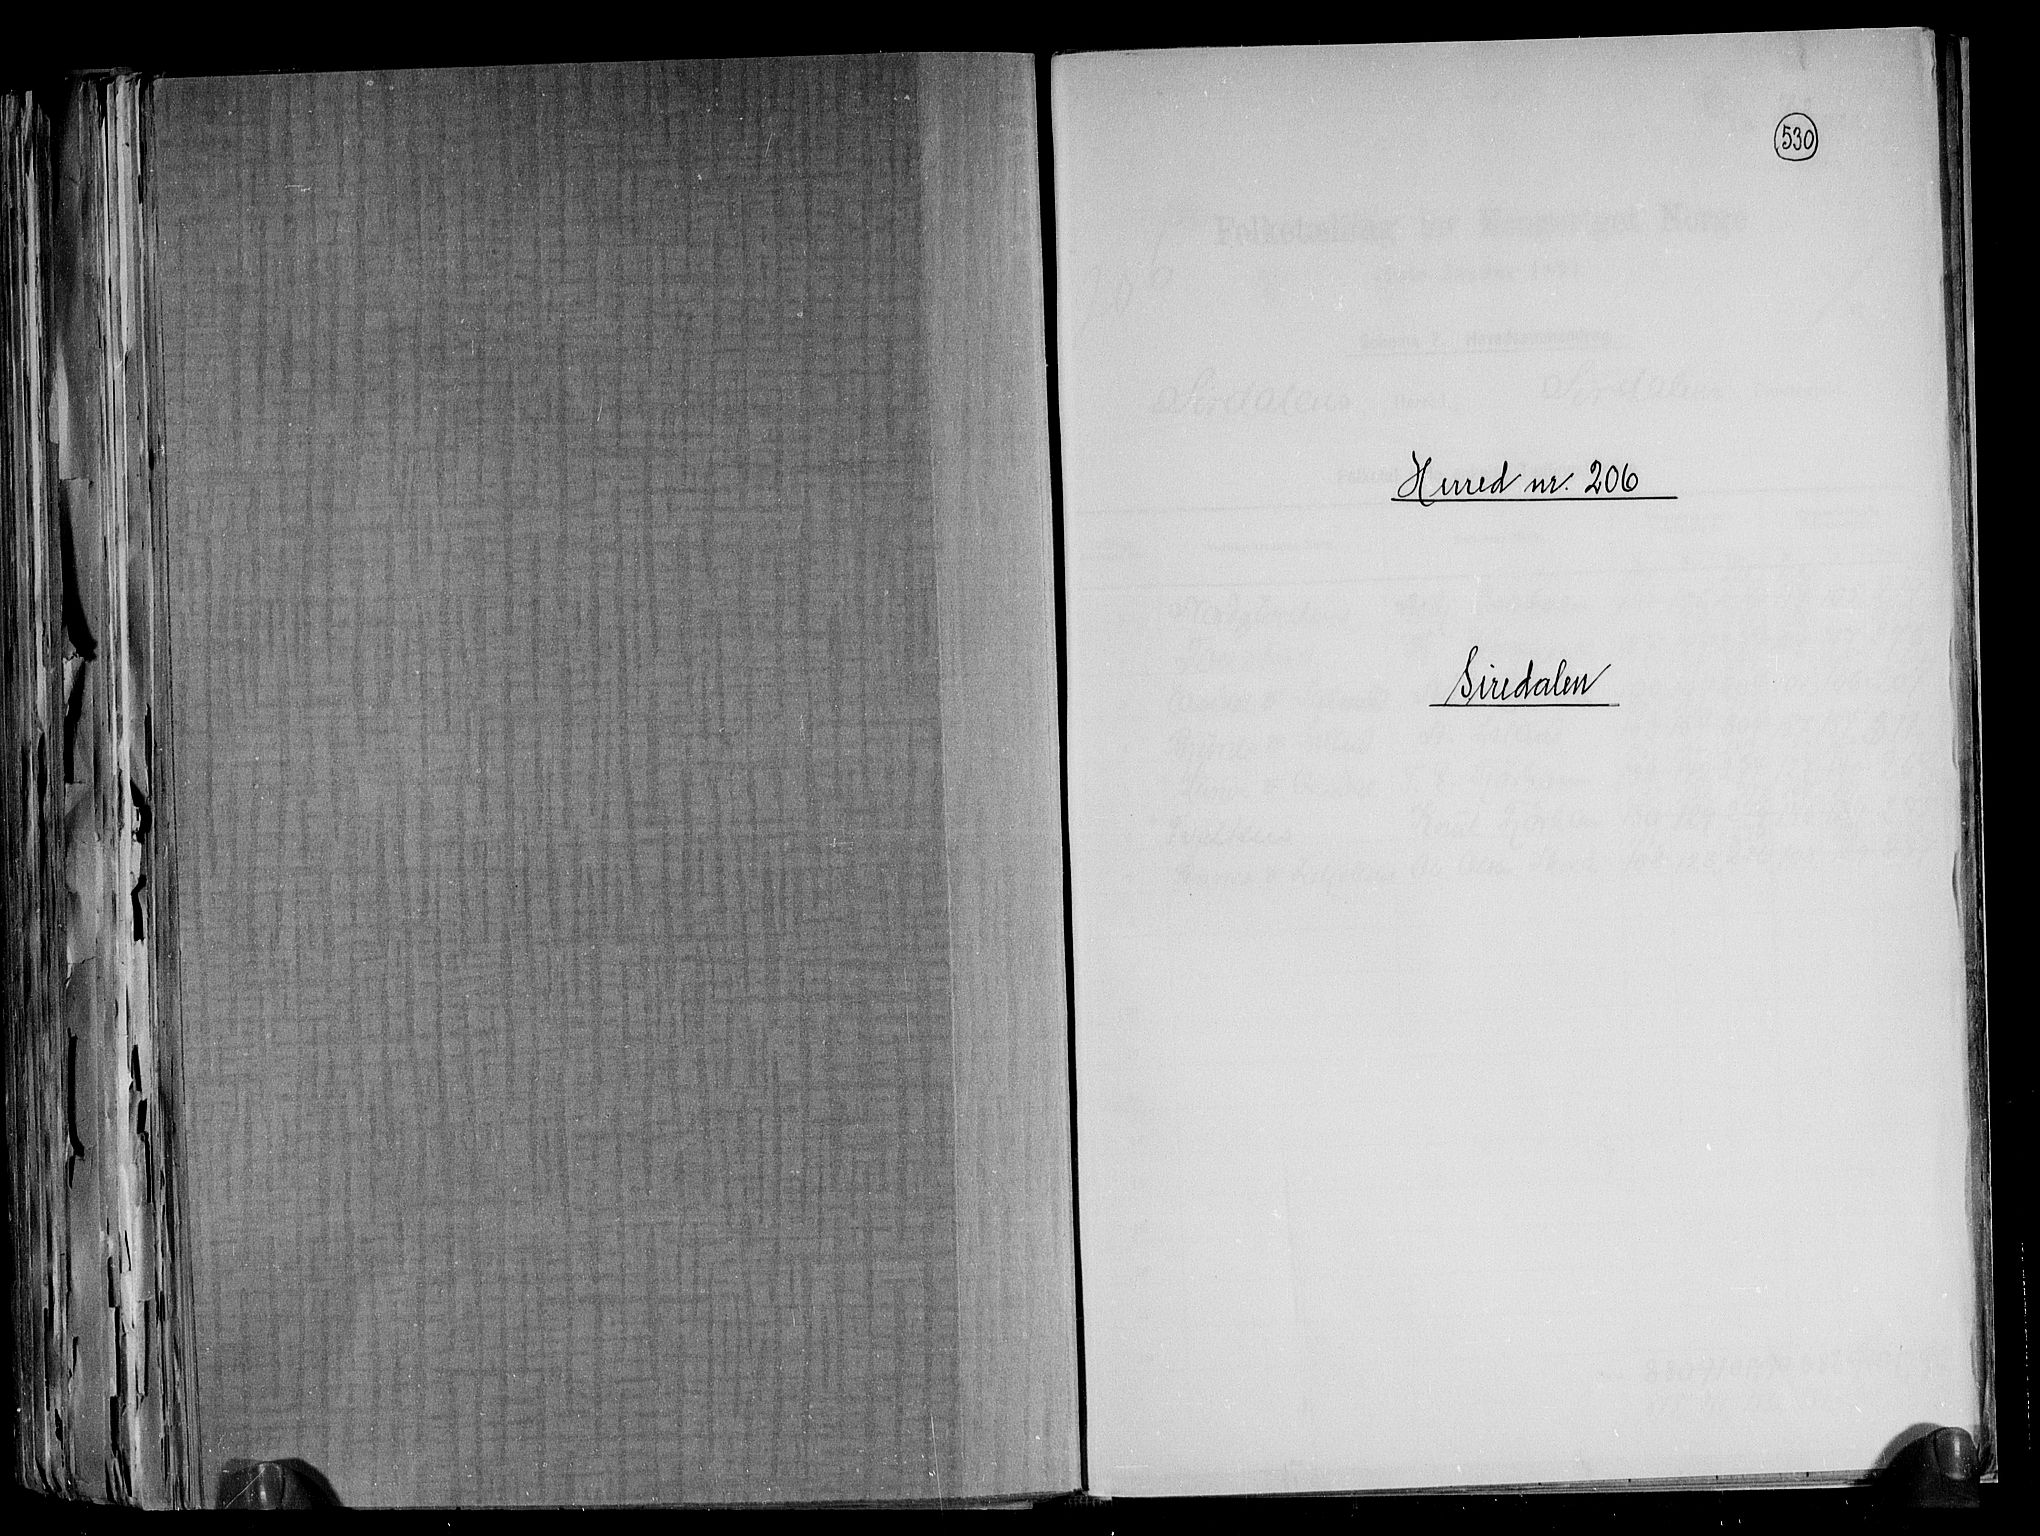 RA, Folketelling 1891 for 1046 Sirdal herred, 1891, s. 1